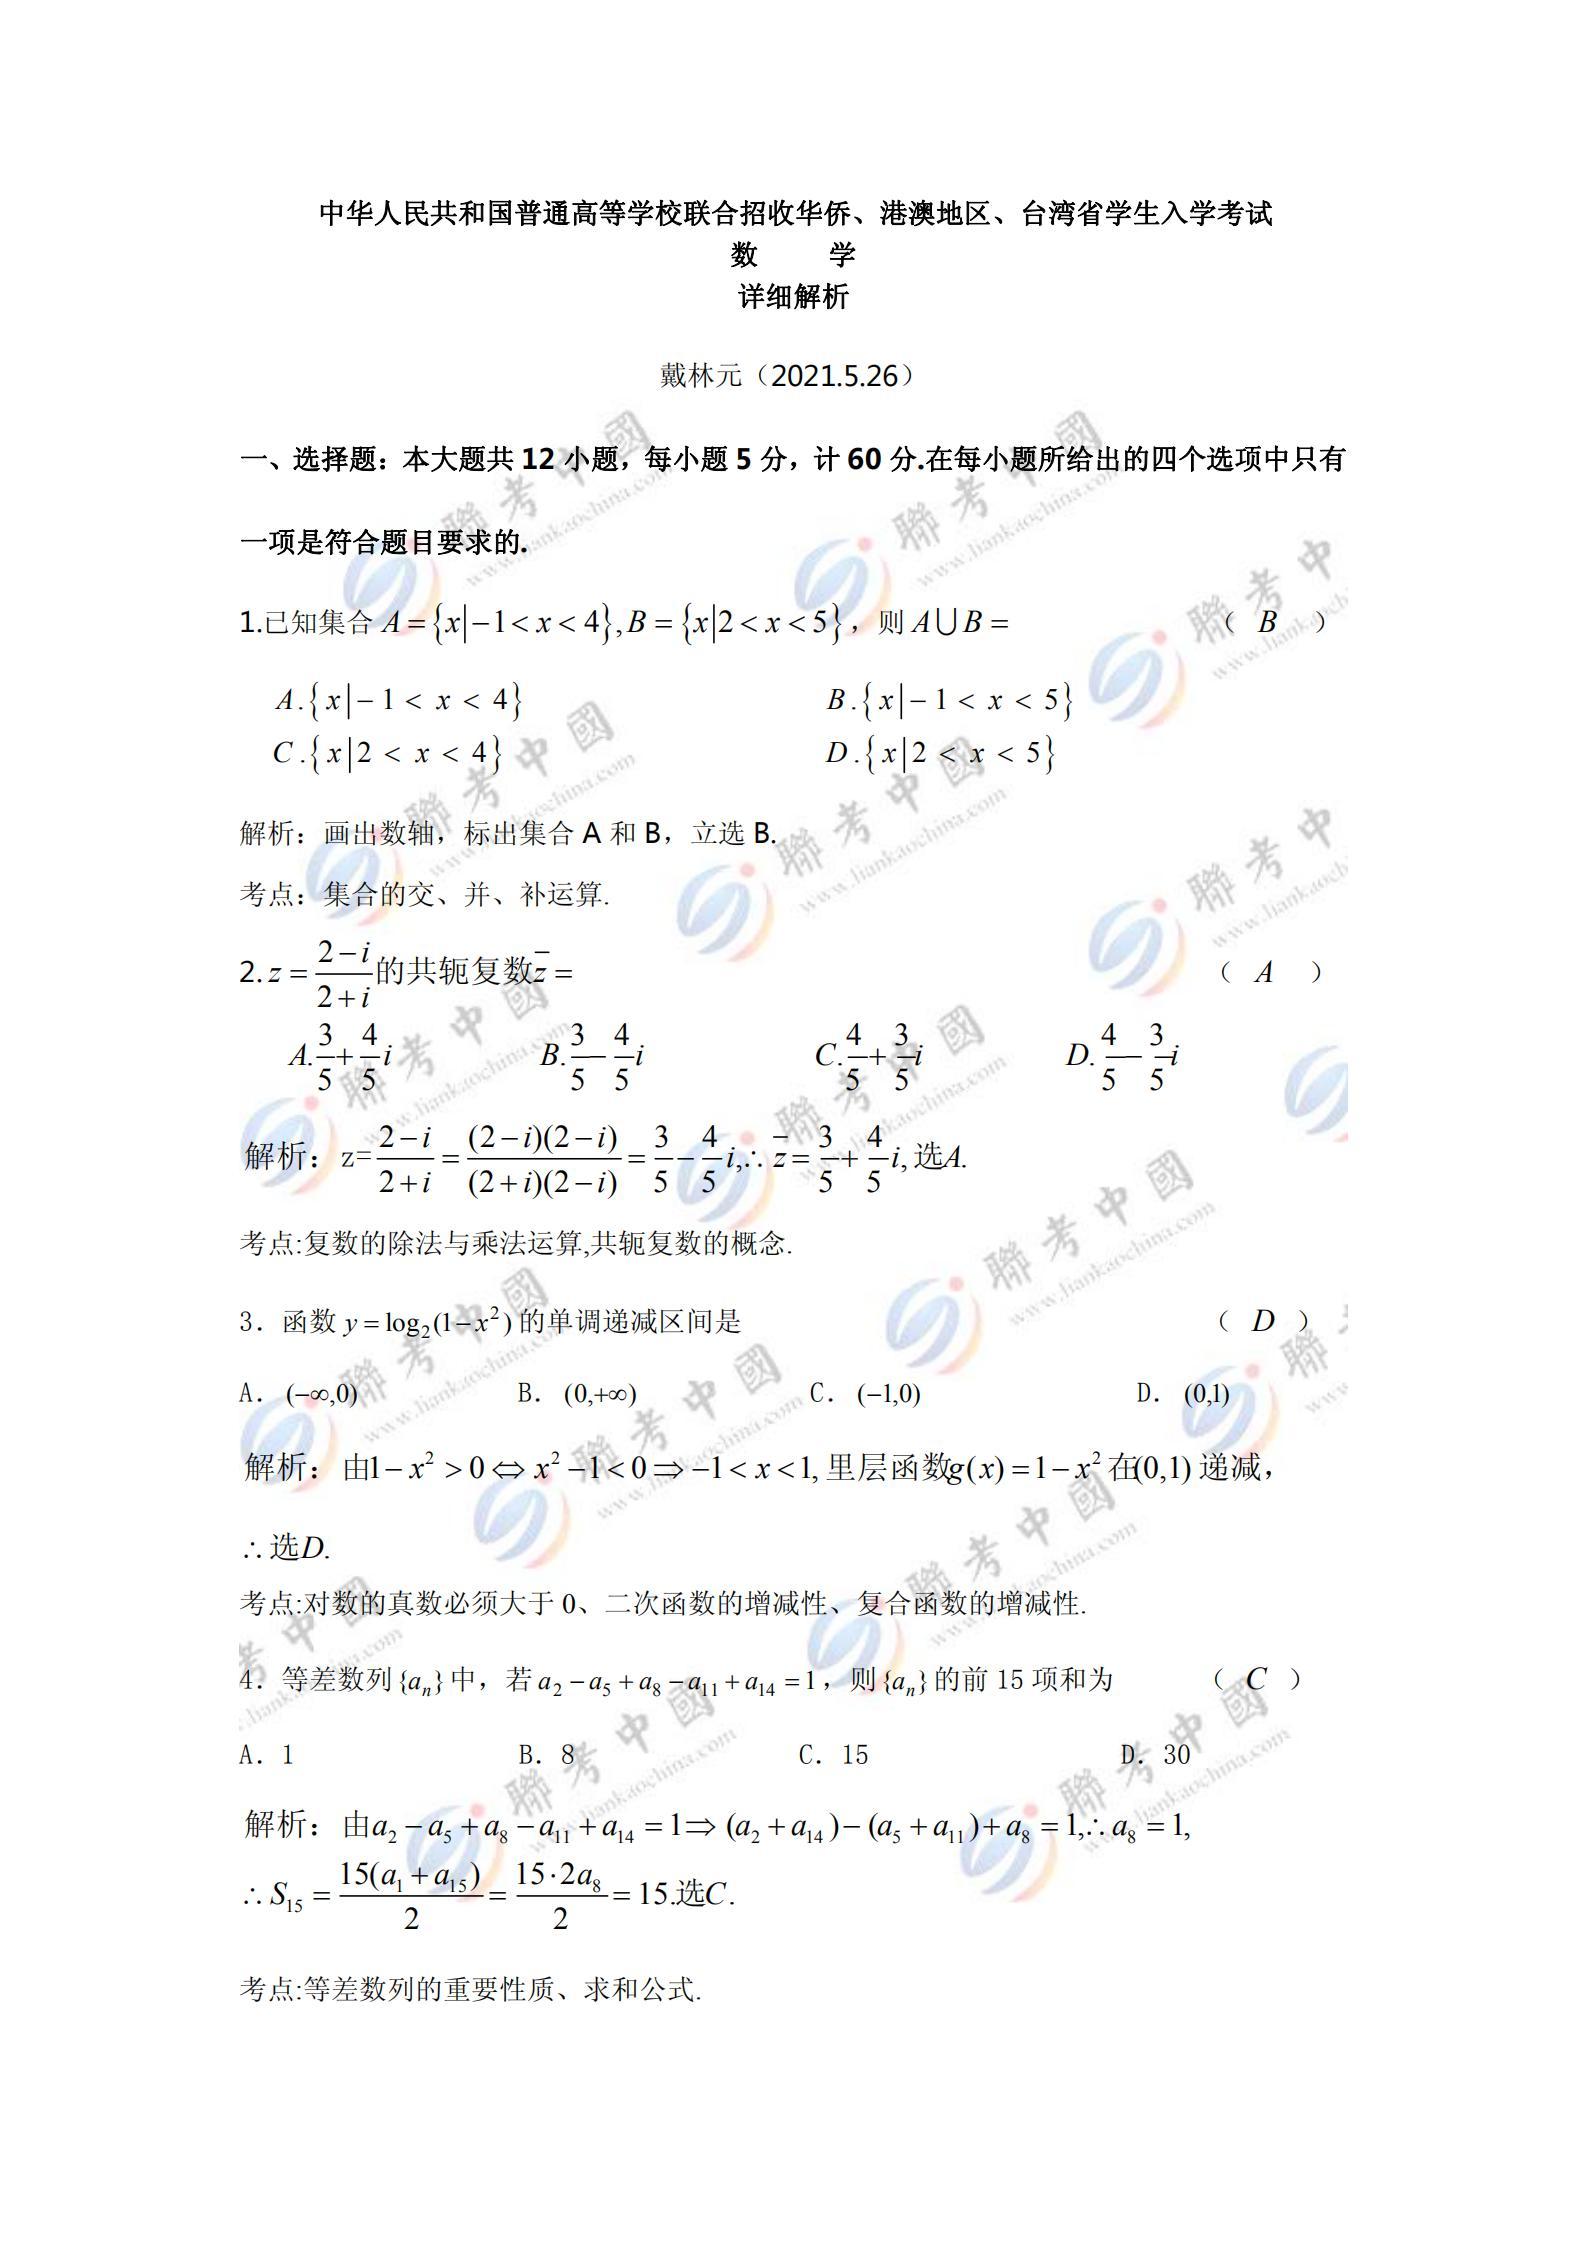 2021侨港澳台联考数学真题答案...